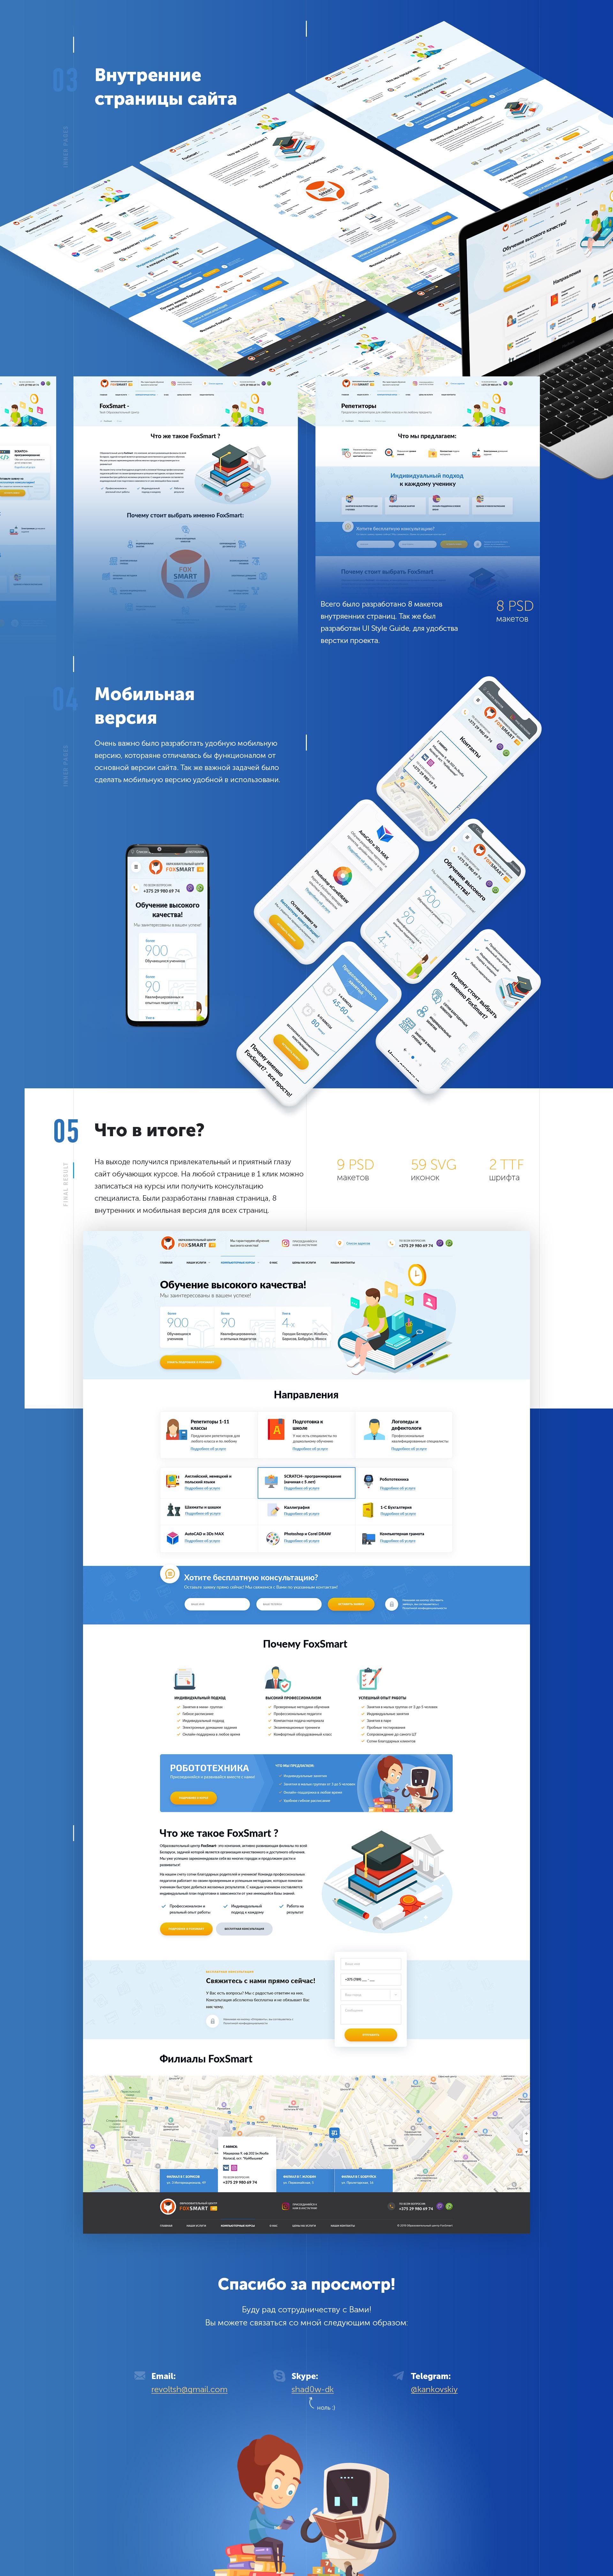 Дизайн для сайта образовательного центра FoxSmart